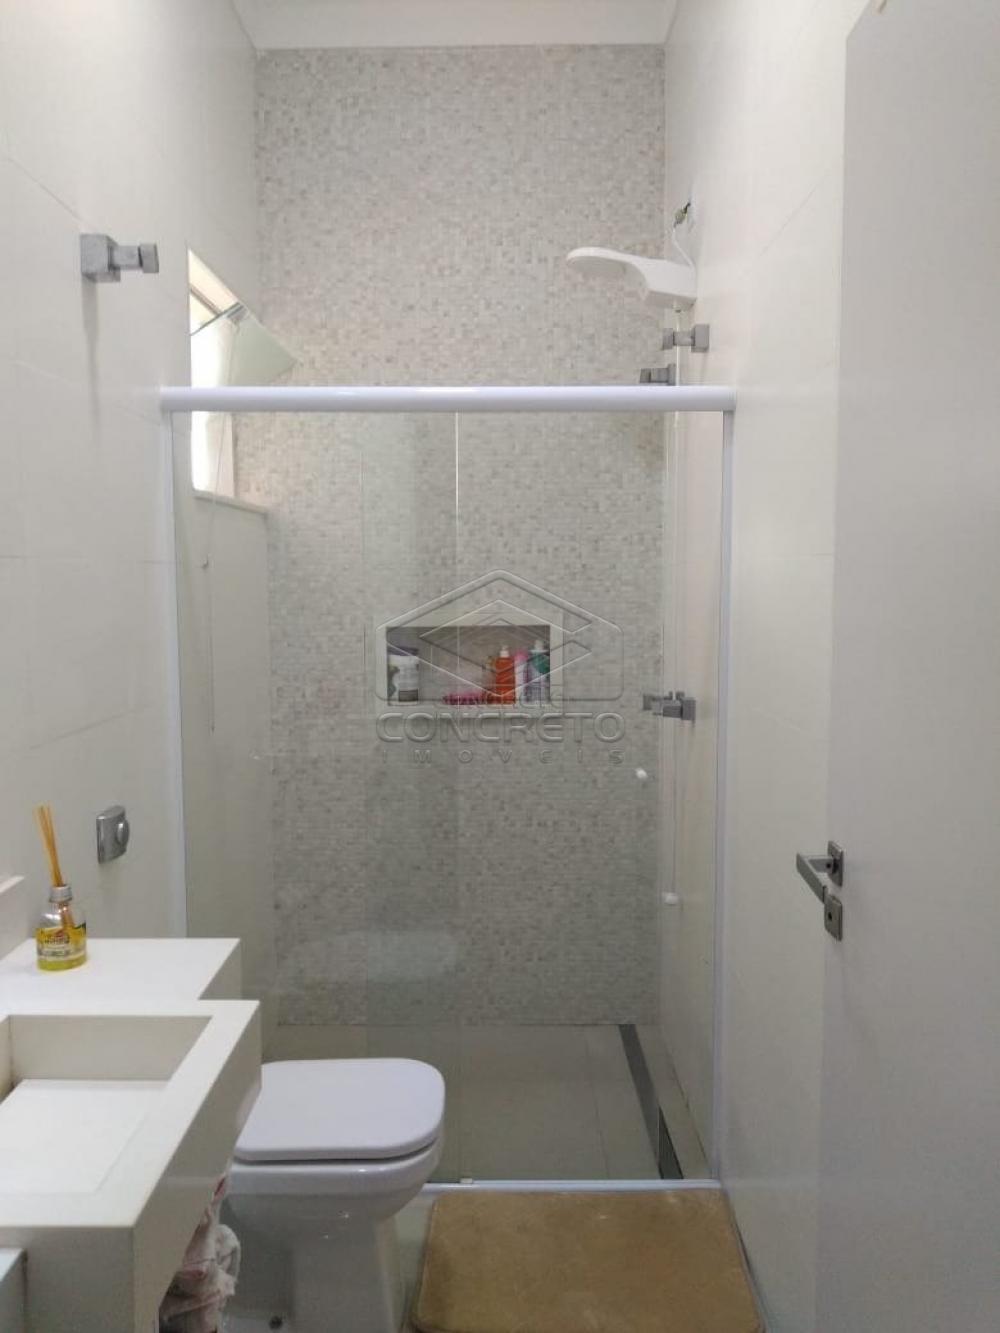 Comprar Casa / Padrão em Bauru apenas R$ 850.000,00 - Foto 24